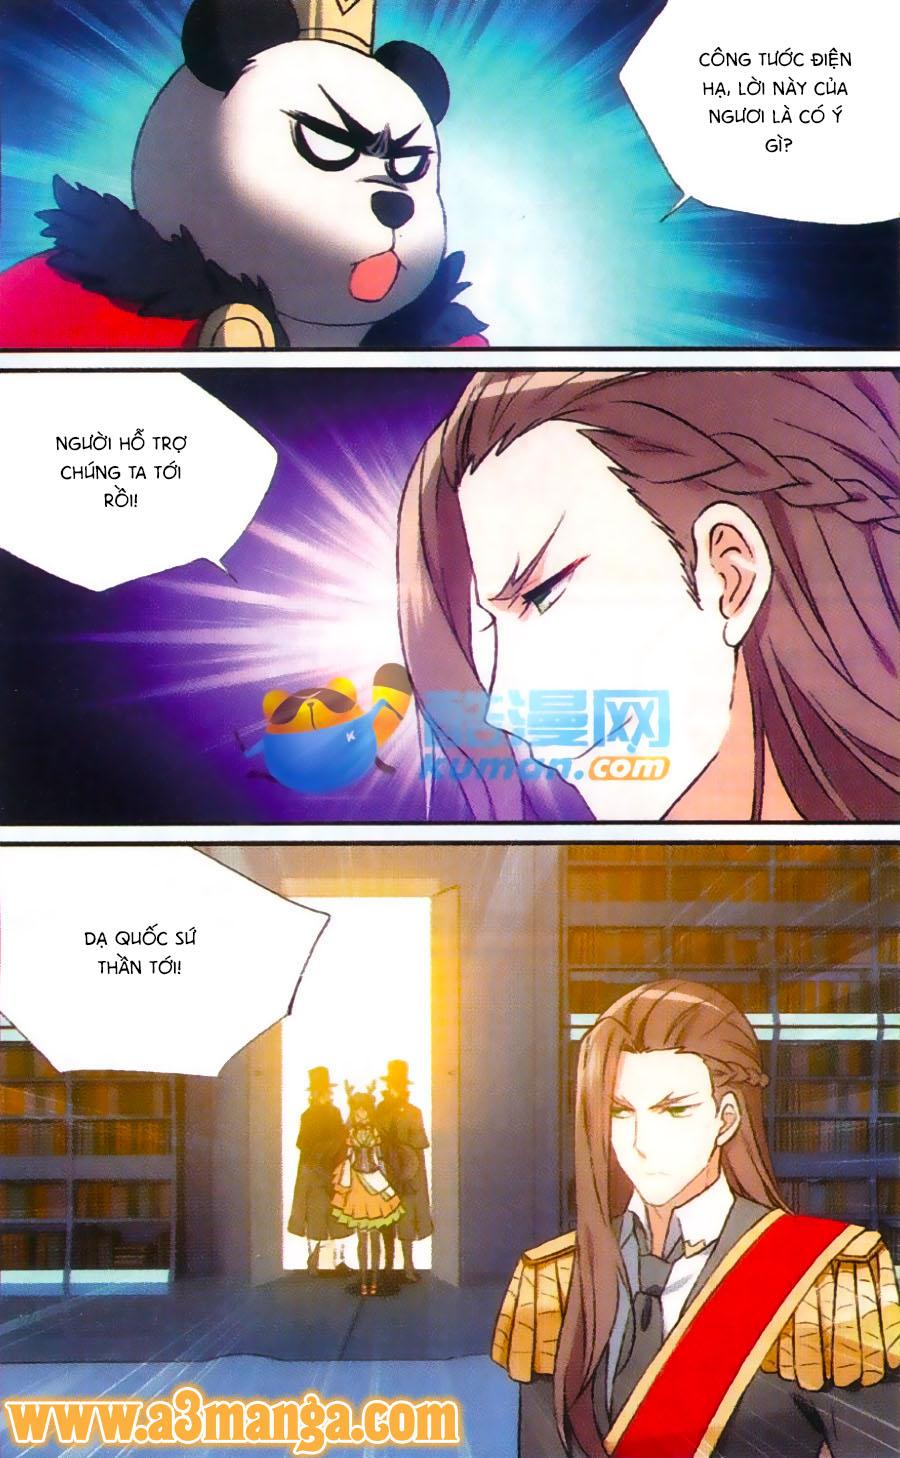 Trú Chi Vương, Dạ Chi Hiêu Chap 18